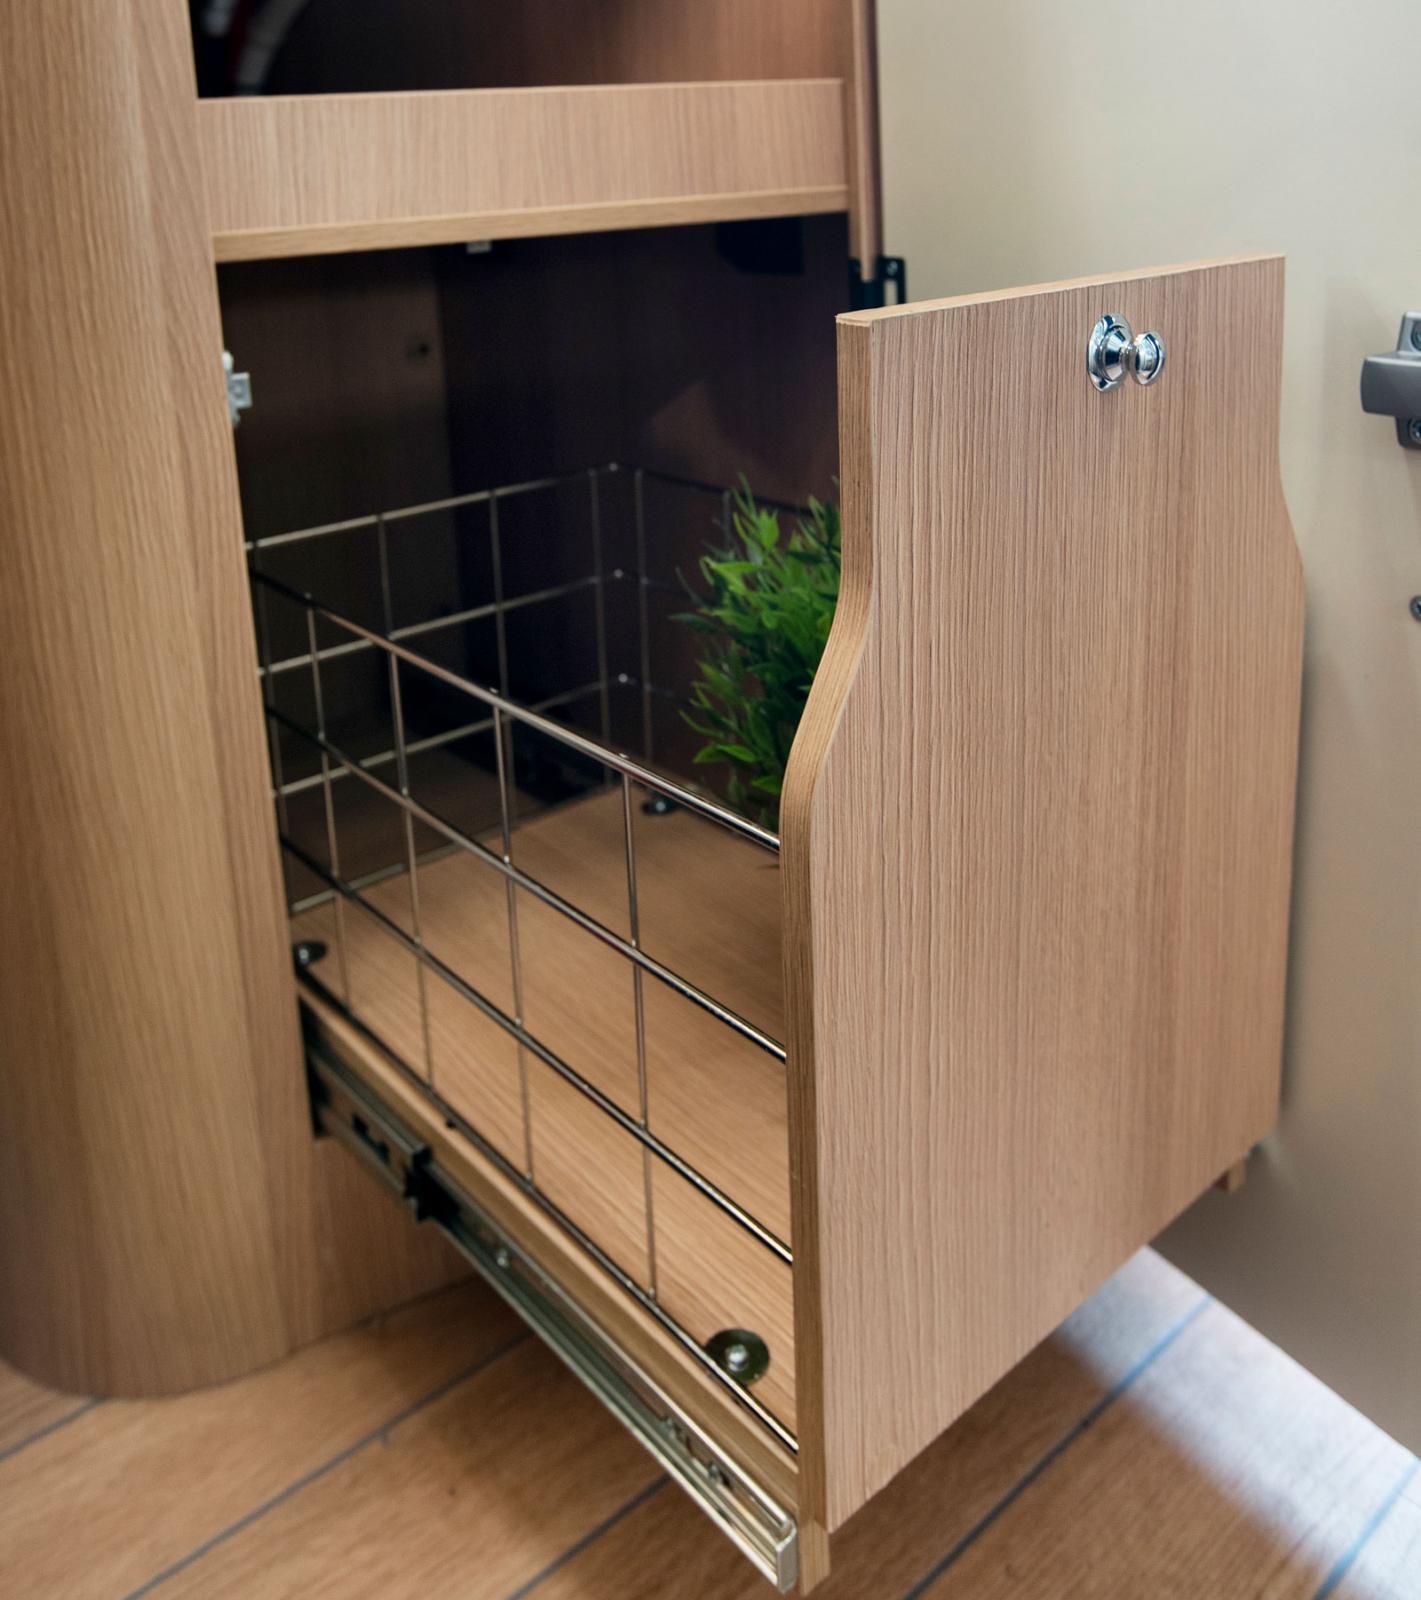 Kökshörnskåpet under diskhon har fått en utdragbar trådhylla till förvaring. Bra eftersom det är ett djupt skåp.